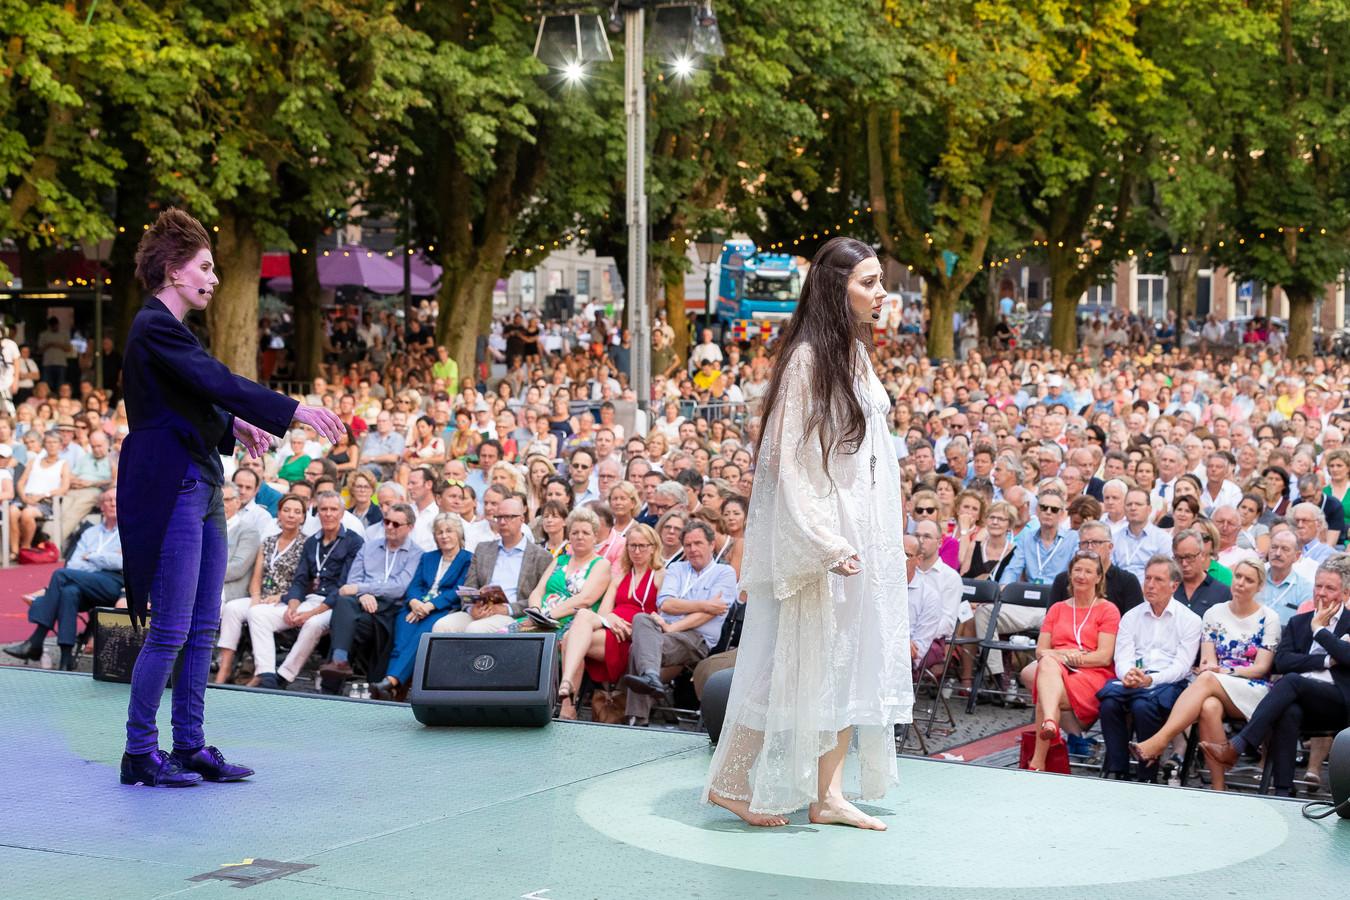 Opera op de Parade in 2019. De organisatie heeft klapstoelen bij het podium gezet. Dit jaar moet worden gereserveerd voor vaste plaatsen.